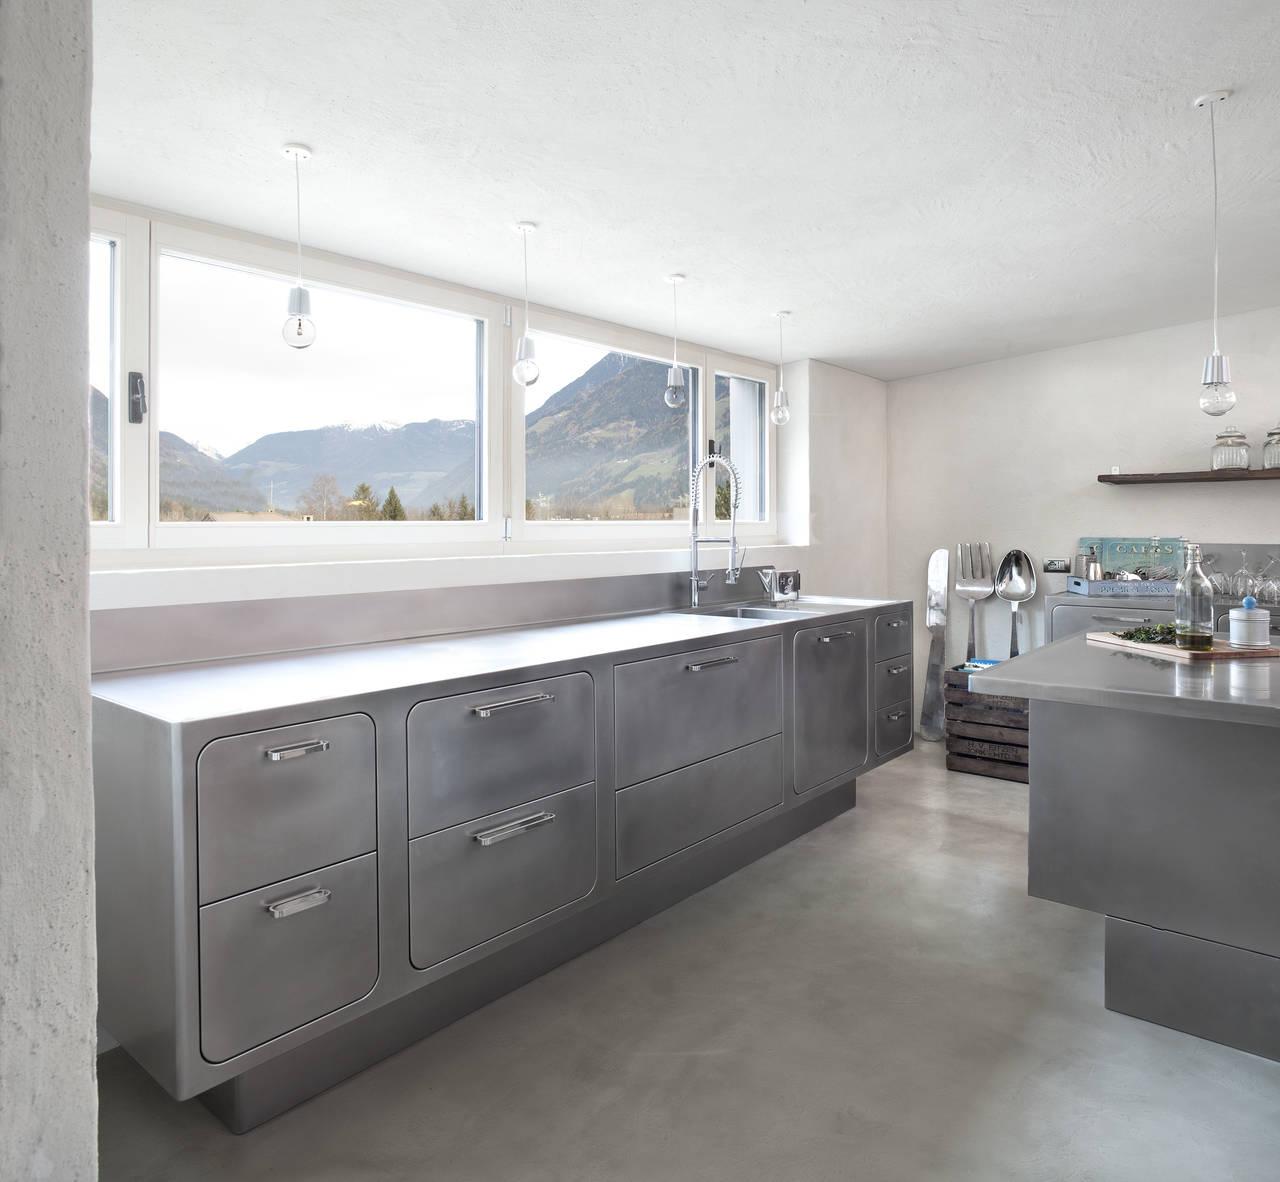 Cucina in acciaio in un\'abitazione altoatesina | Ambiente Cucina